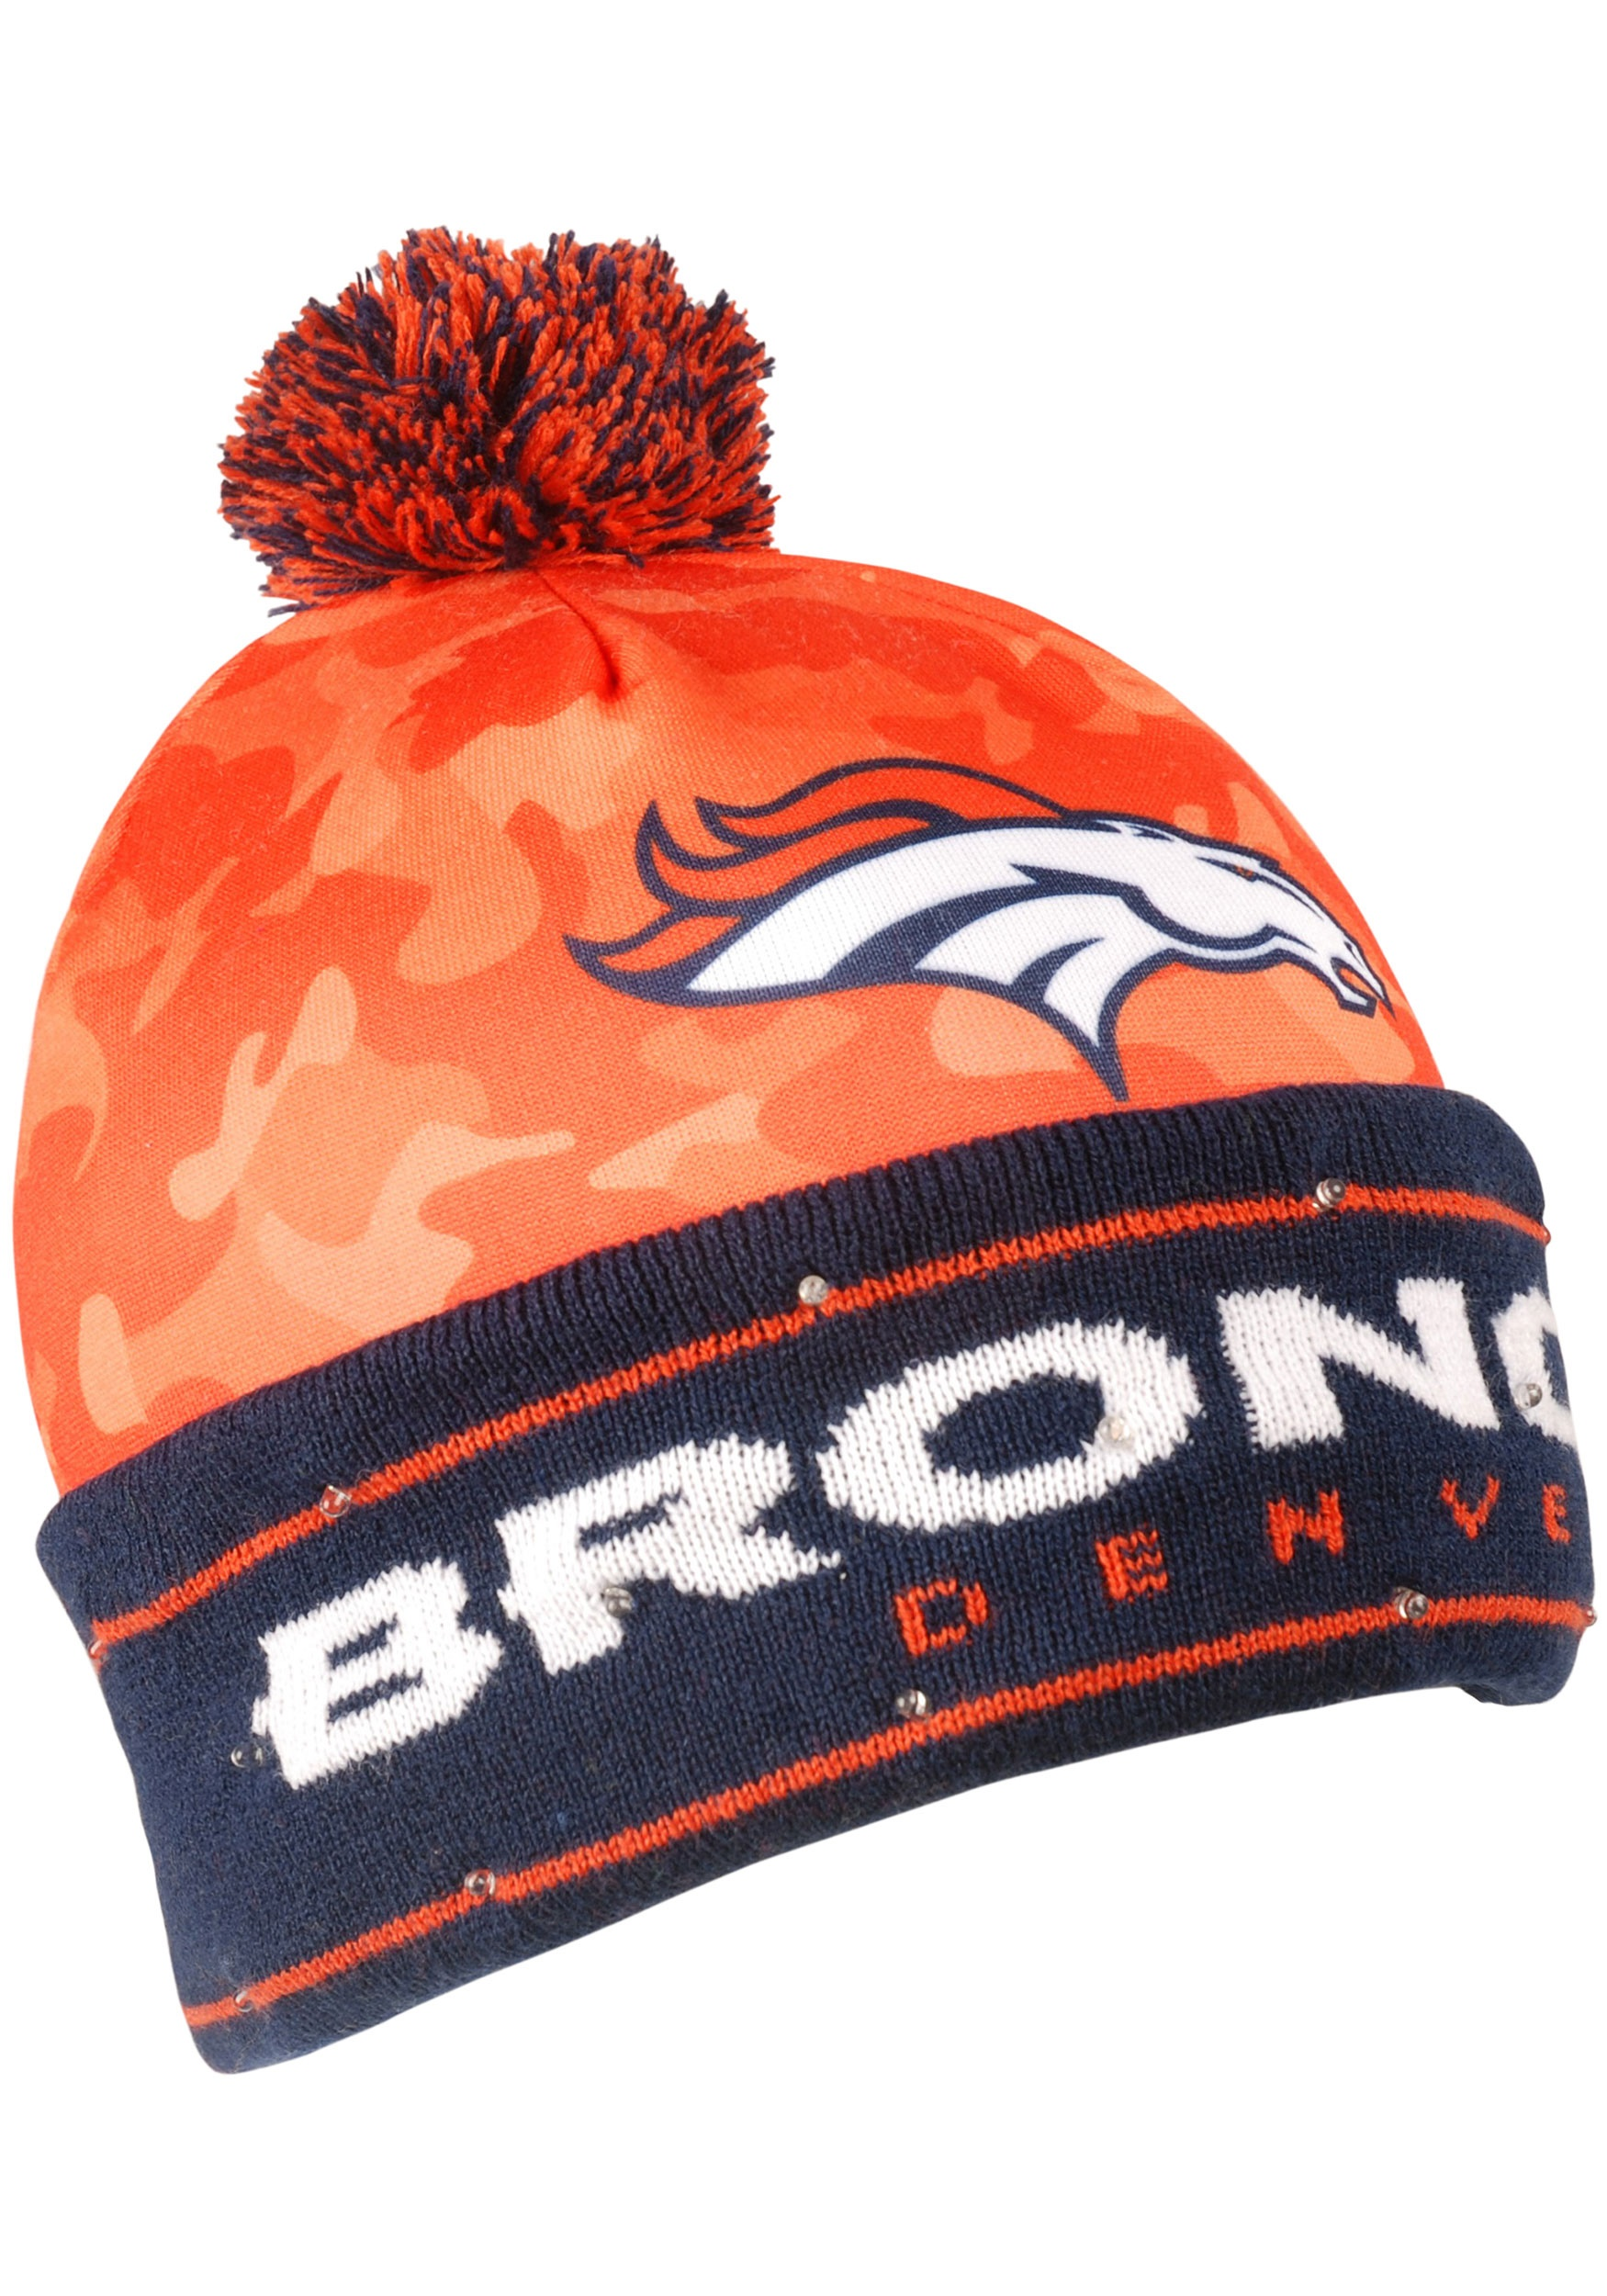 NFL Denver Broncos Camouflage Light Up Stocking Hat